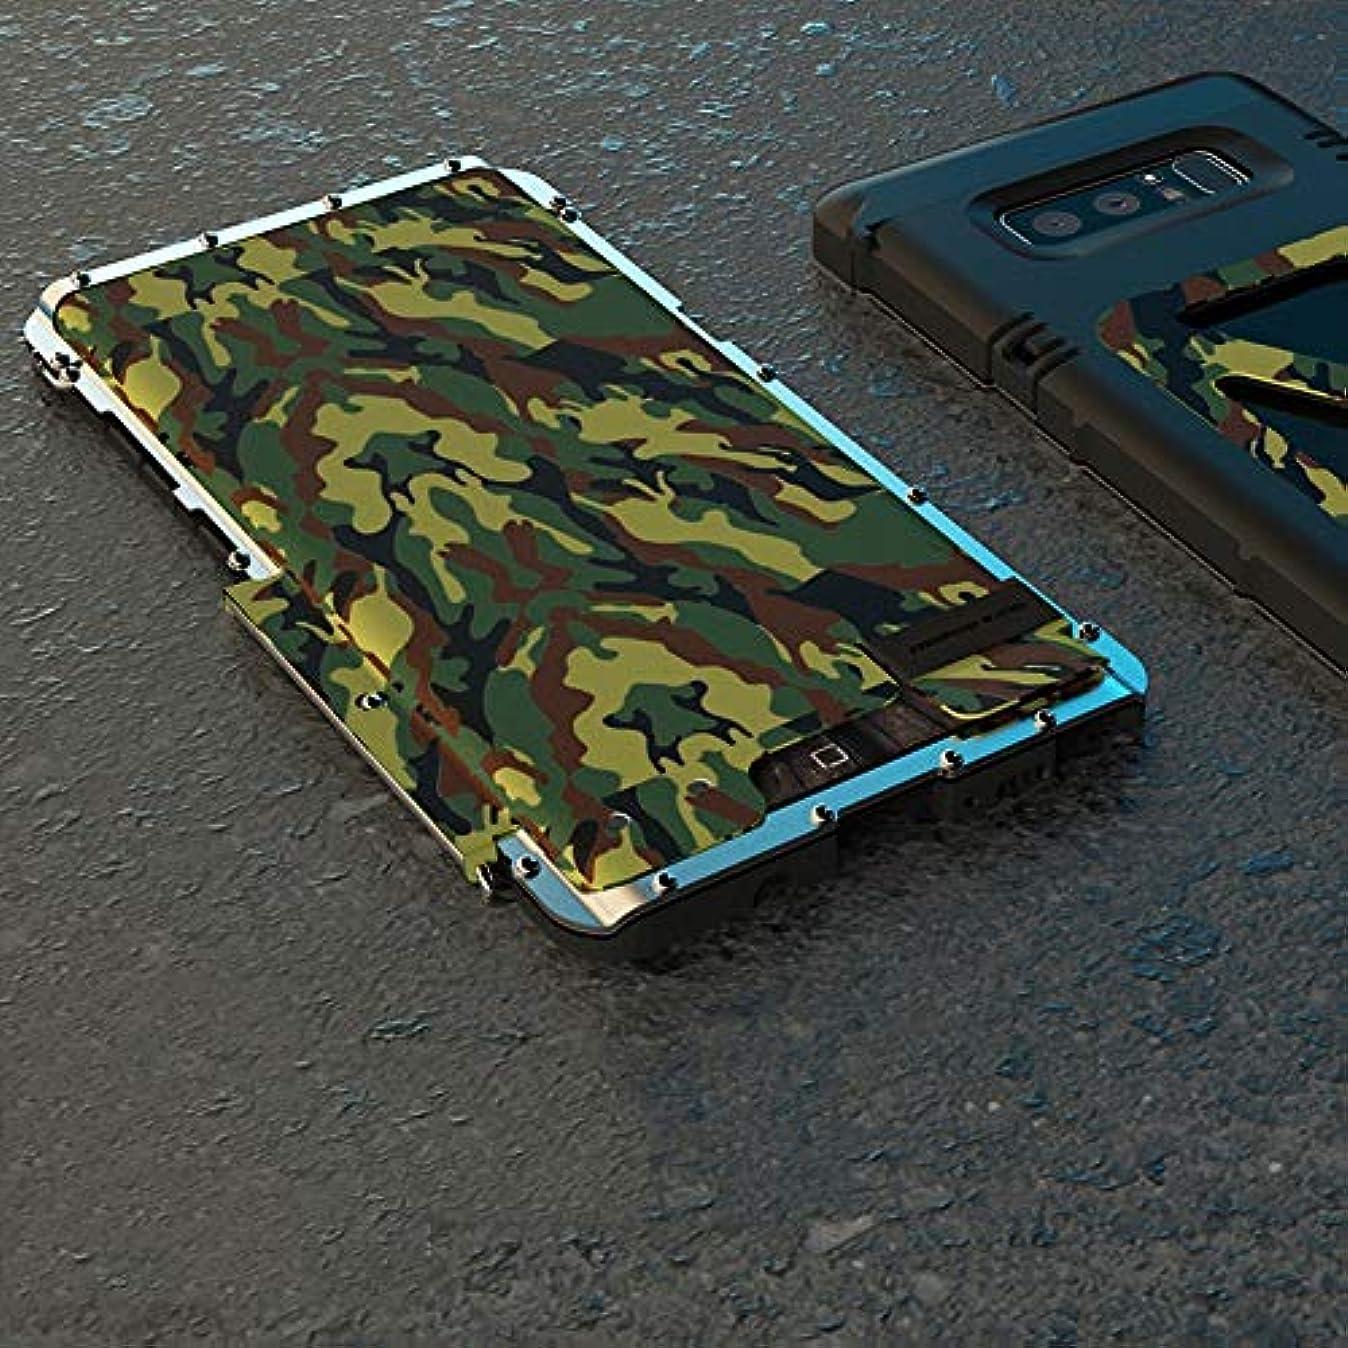 類推主張するメロドラマティックTonglilili サムスン注8、注FE、注2、注3、注4、注5用ブラケット携帯電話シェル飛散防止クリエイティブスリーインワンメタルフリップアイアンマン保護携帯電話シェル電話ケース (Color : Camouflage, Edition : Note2)